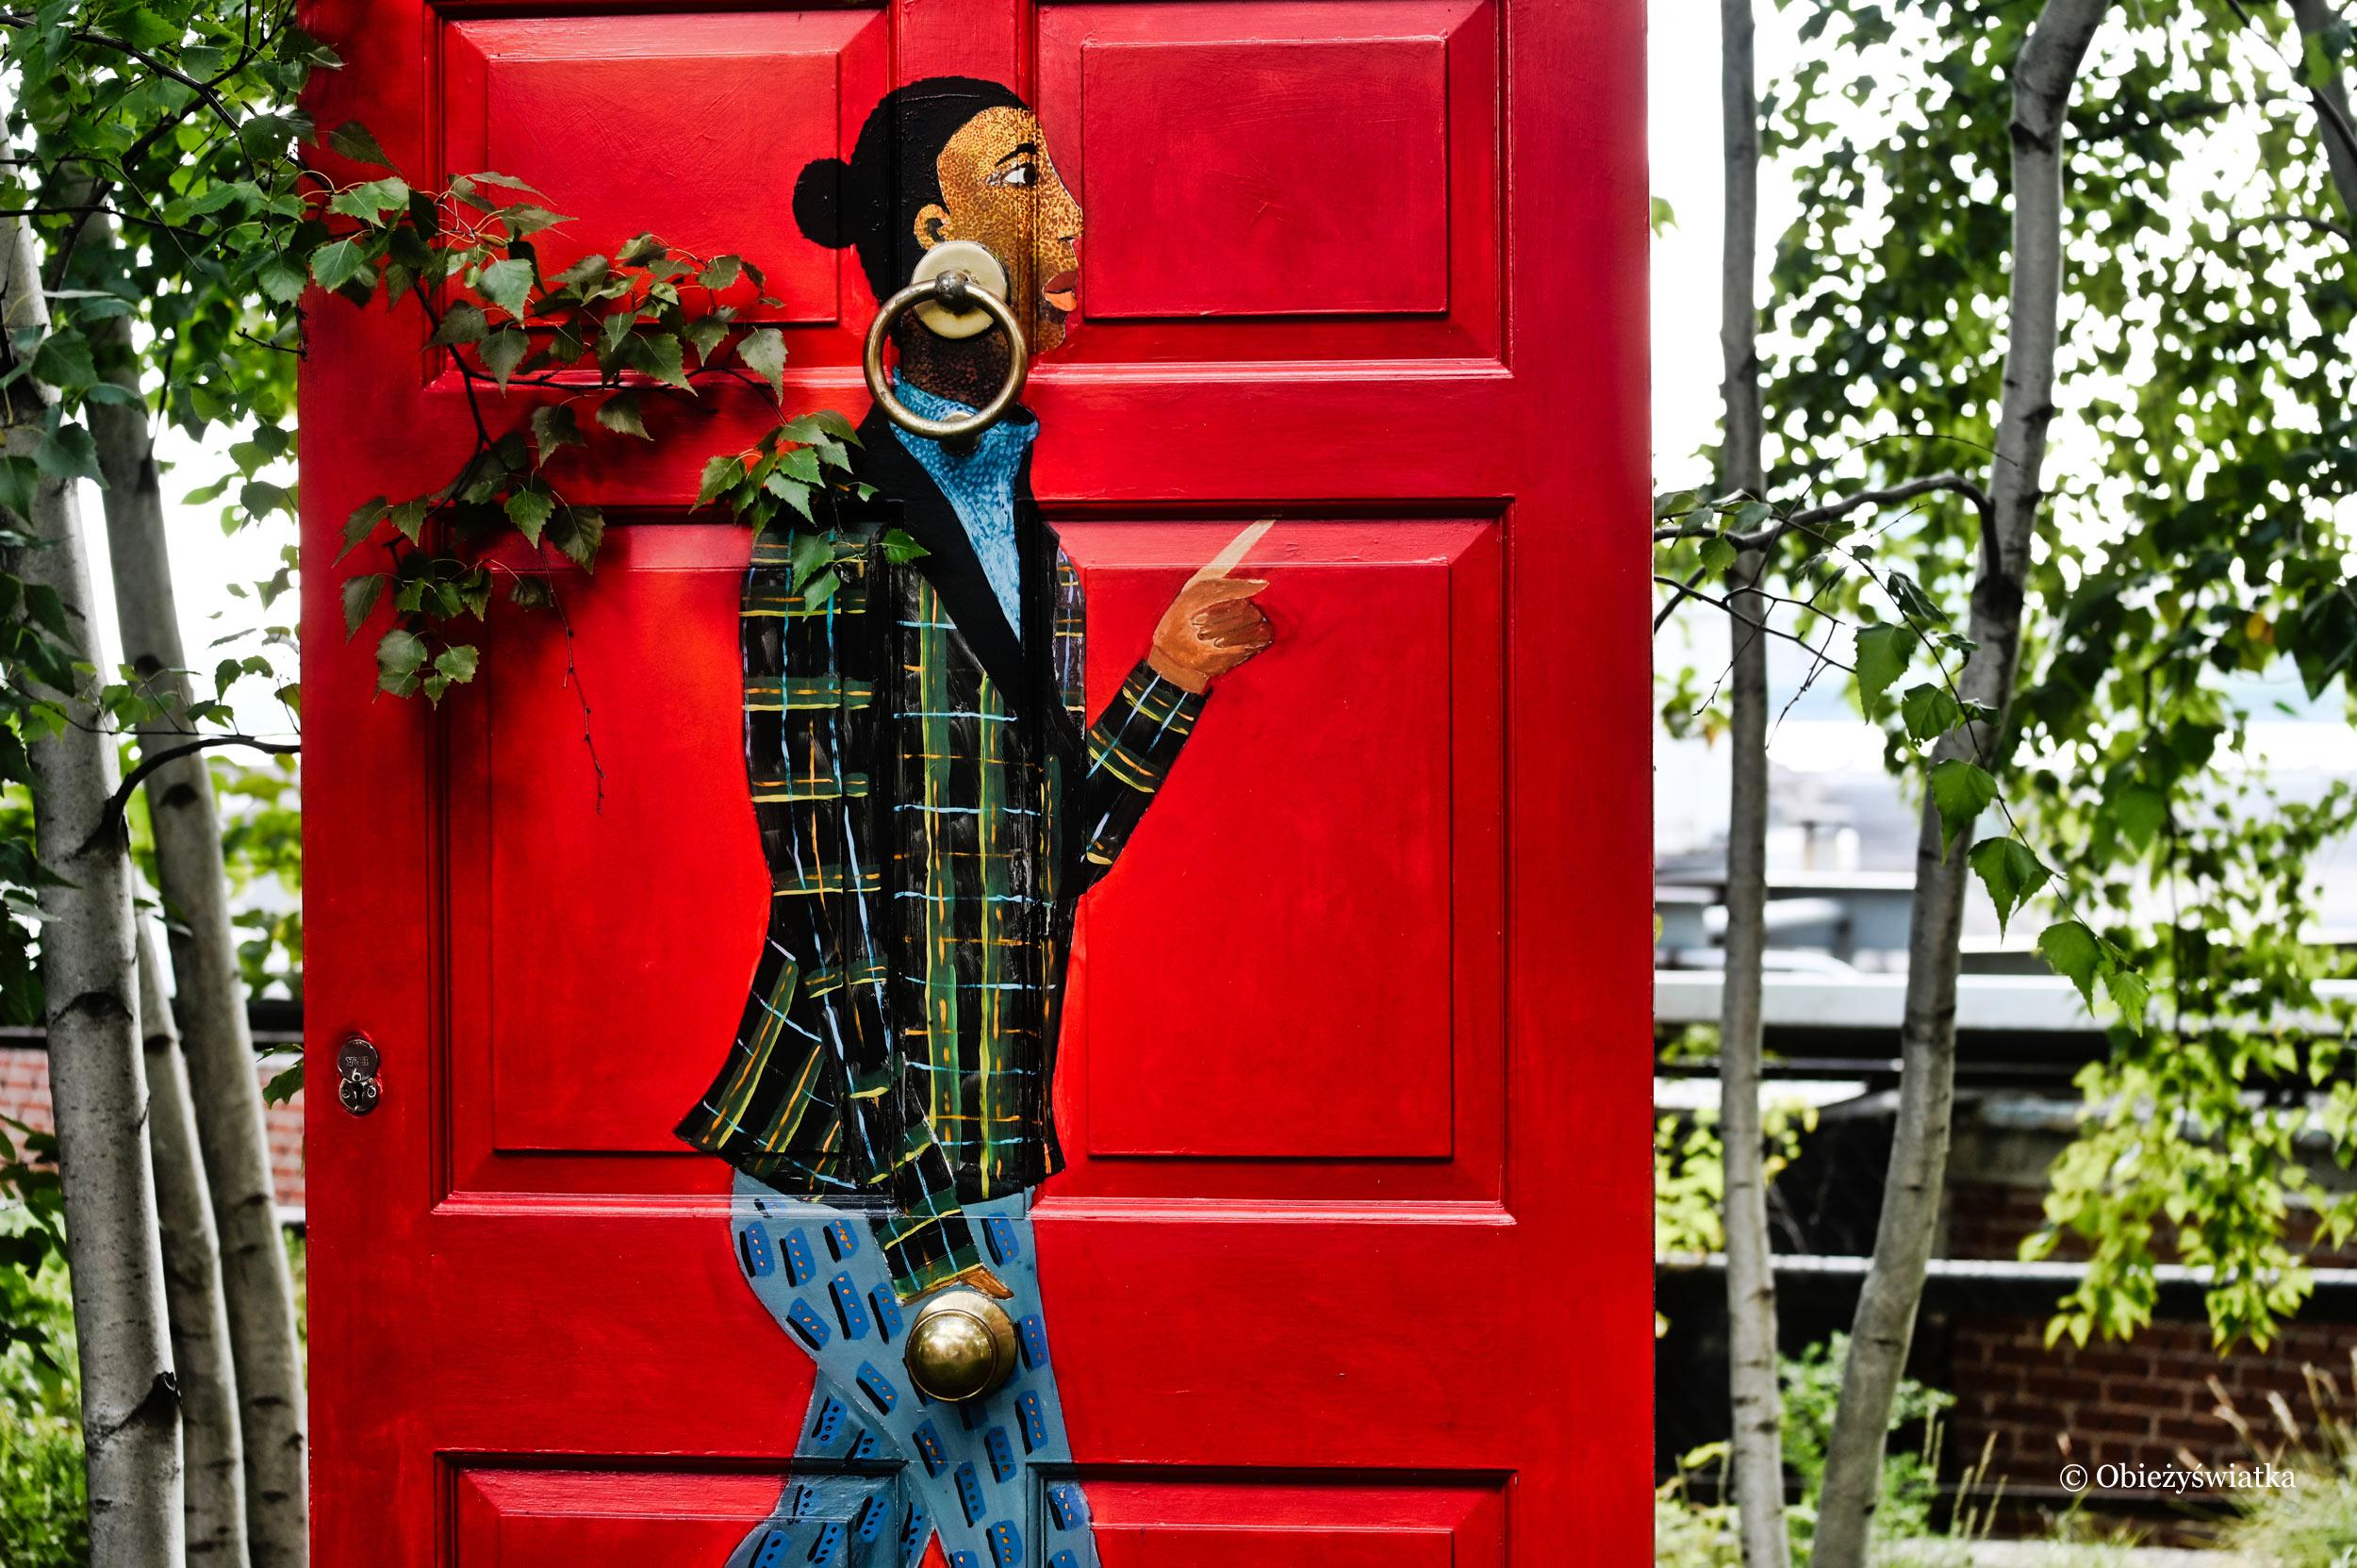 Dzieło autorstwa Lubainy Himid pt. Five Conversations - portrety kobiet powstałe na tradycyjnych drzwiach gruzińskich, które zachowano przed zniszczeniem, cz. 3